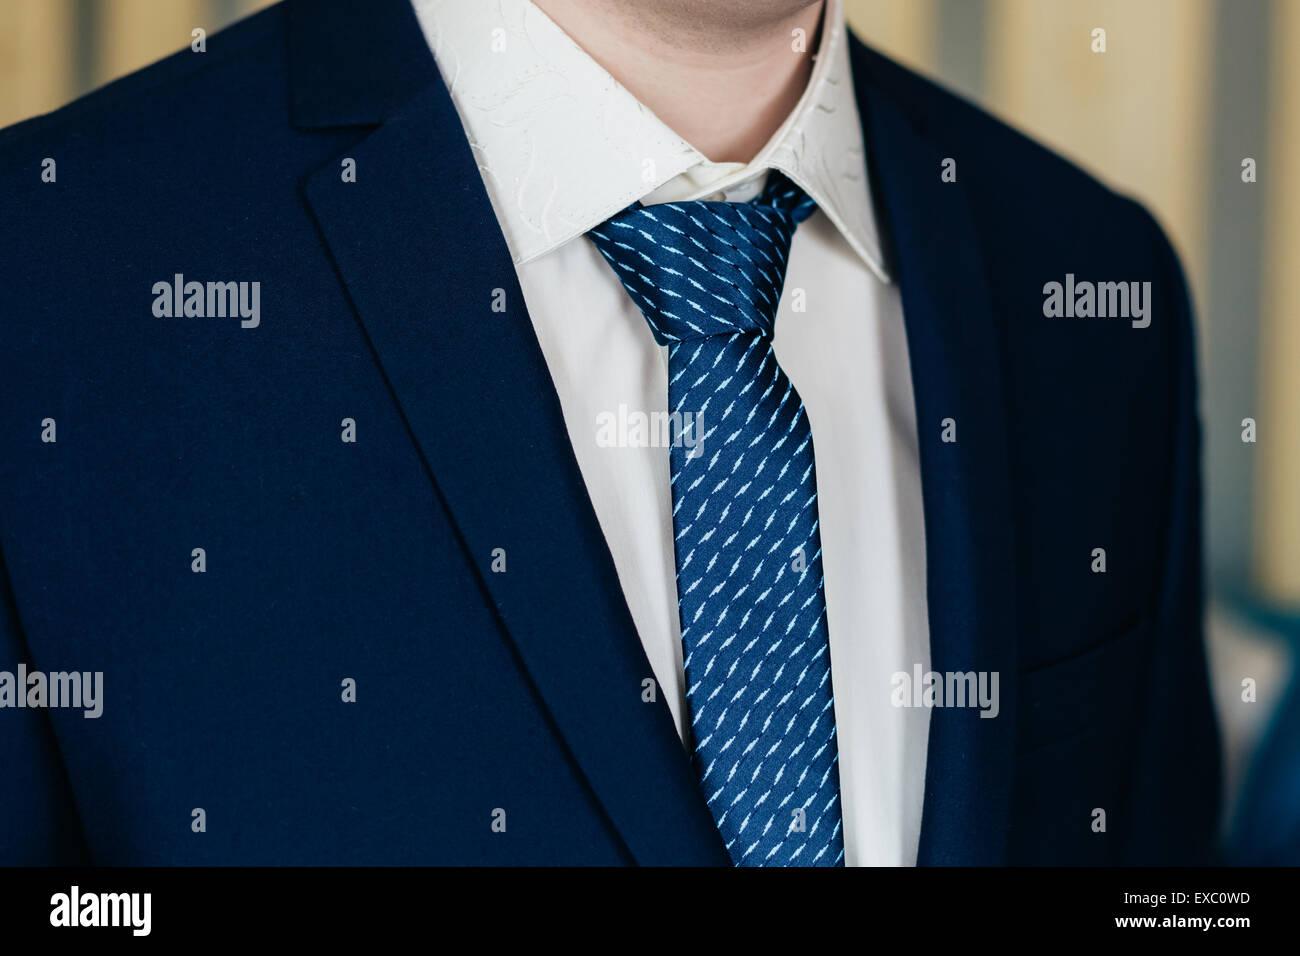 Geschäftsmann In Blauem Anzug Und Krawatte Nahaufnahme Detail